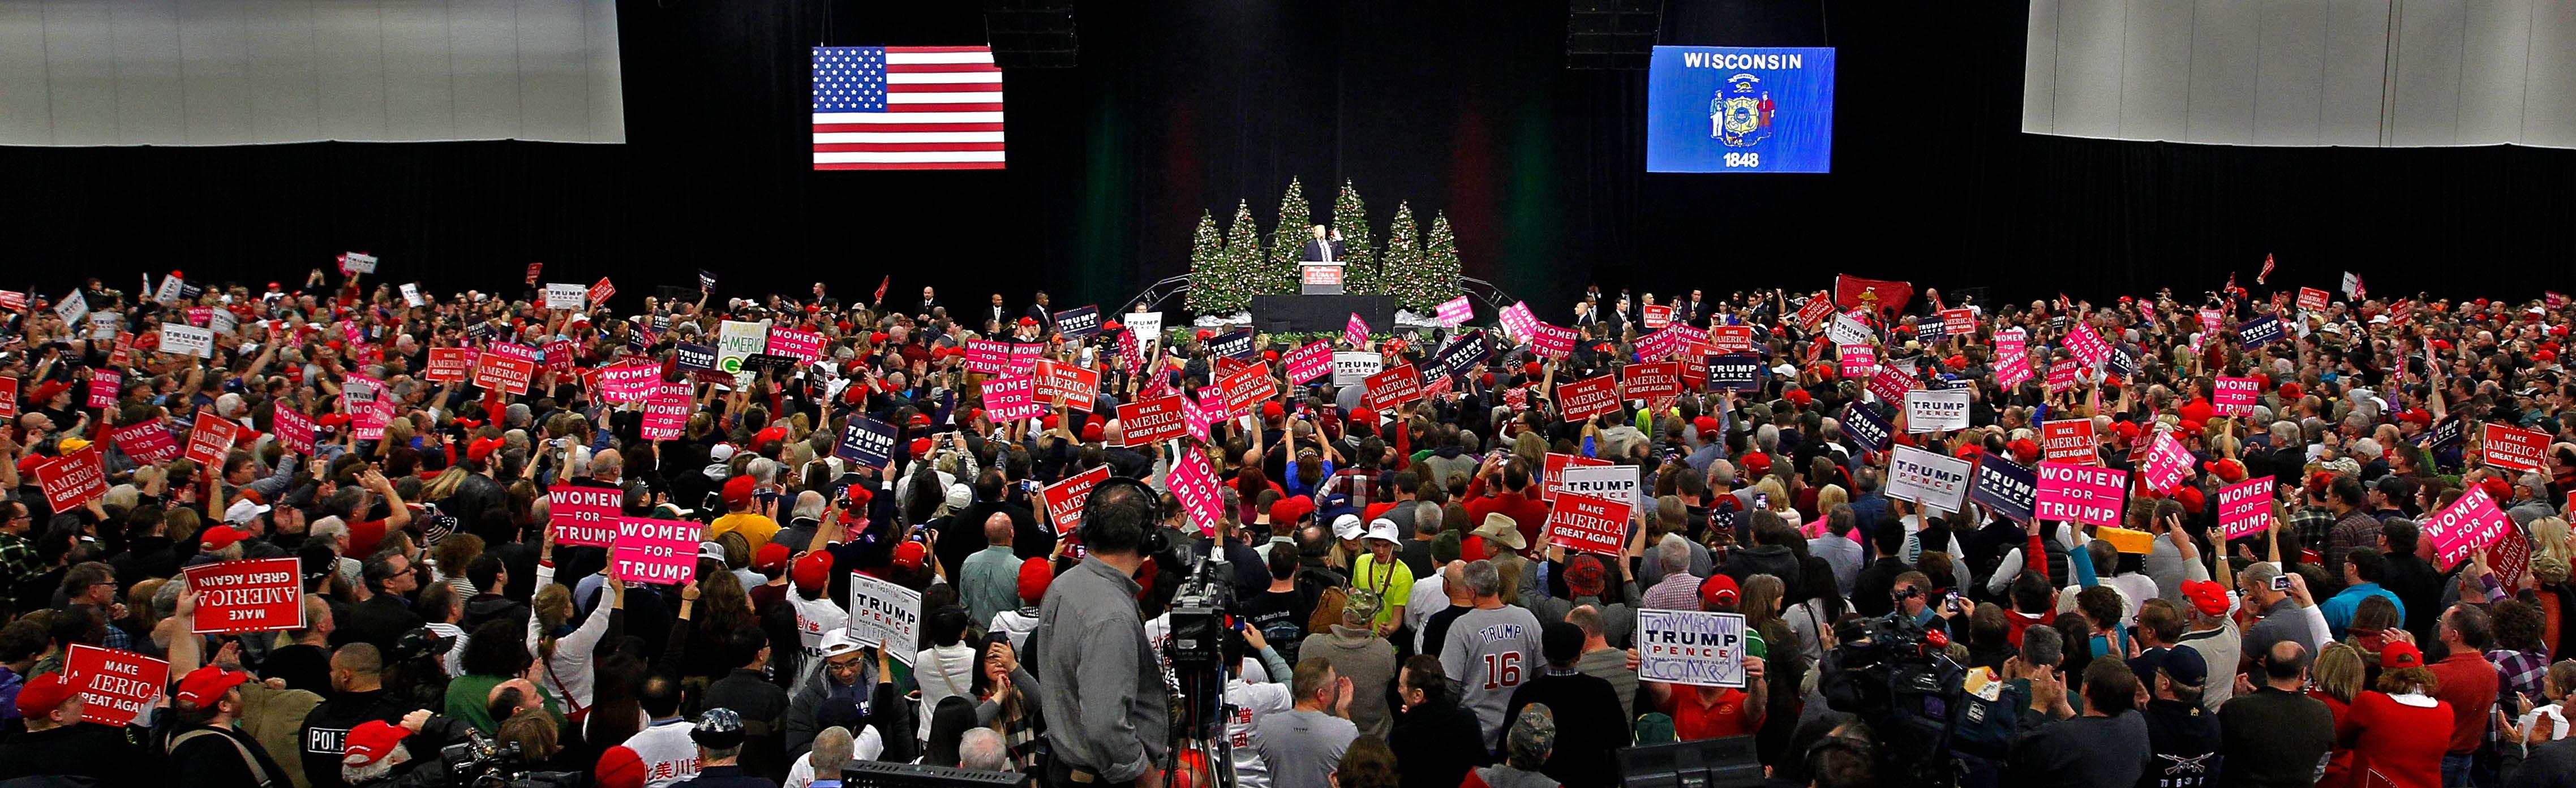 Trump's 'thank you tour' draws enthusiastic crowd to West Allis